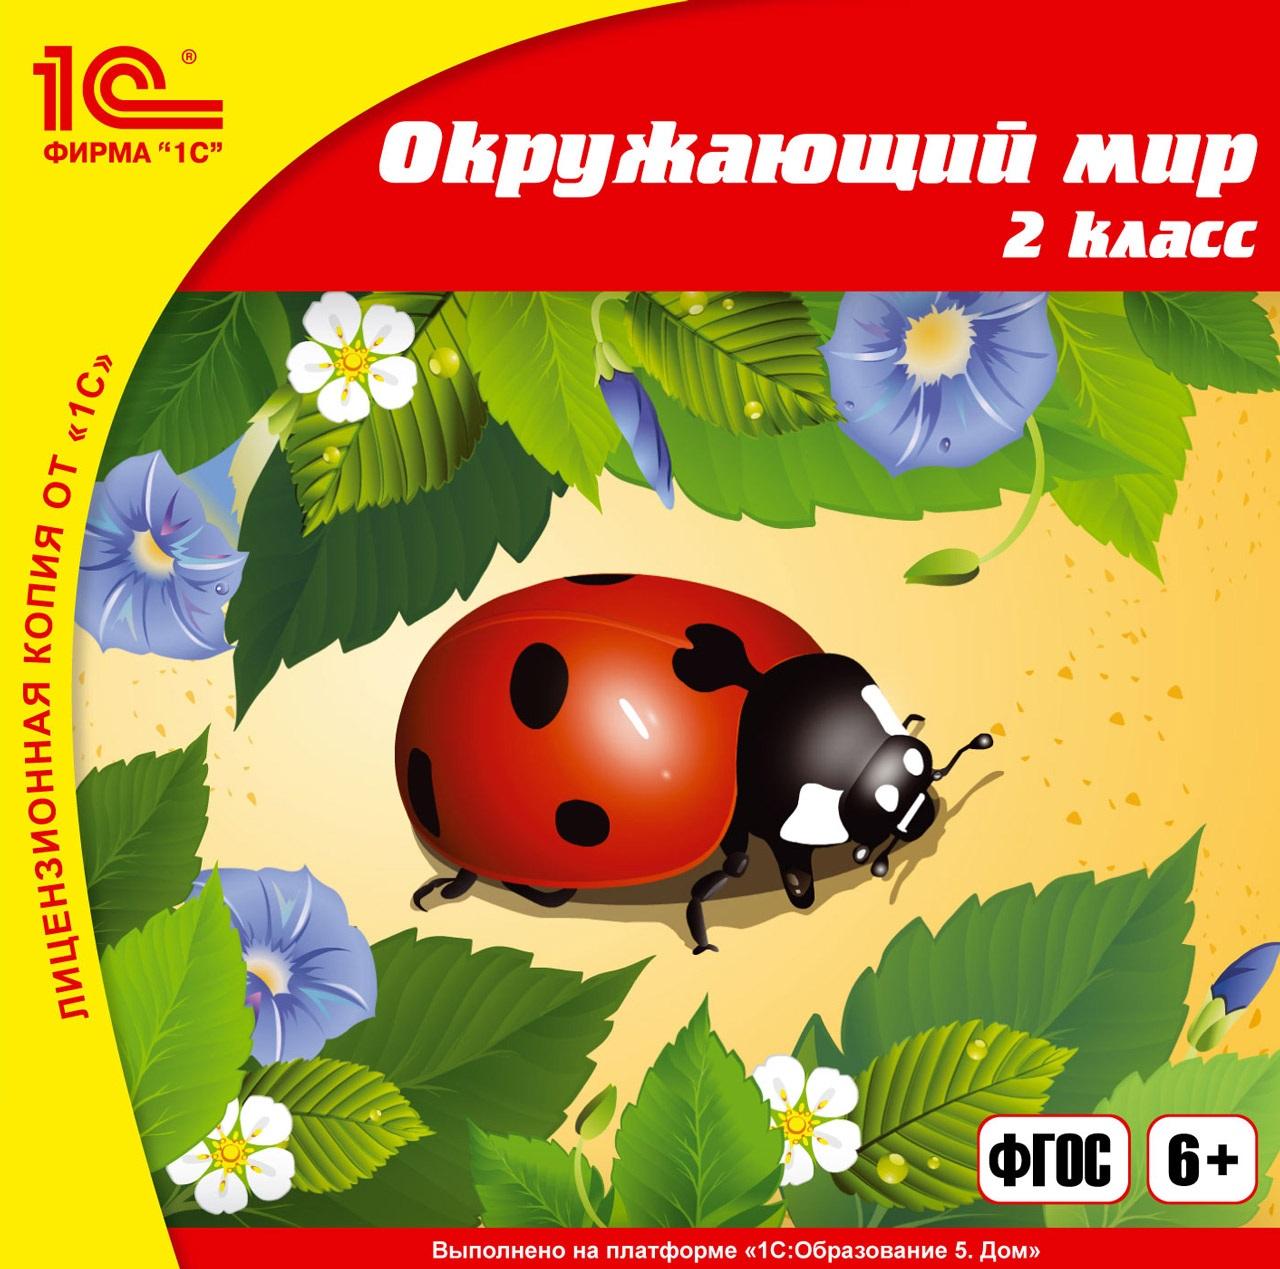 Окружающий мир, 2 класс повседневная жизнь русского народа x xvii веков электронное учебное пособие для 7 класса cdpc